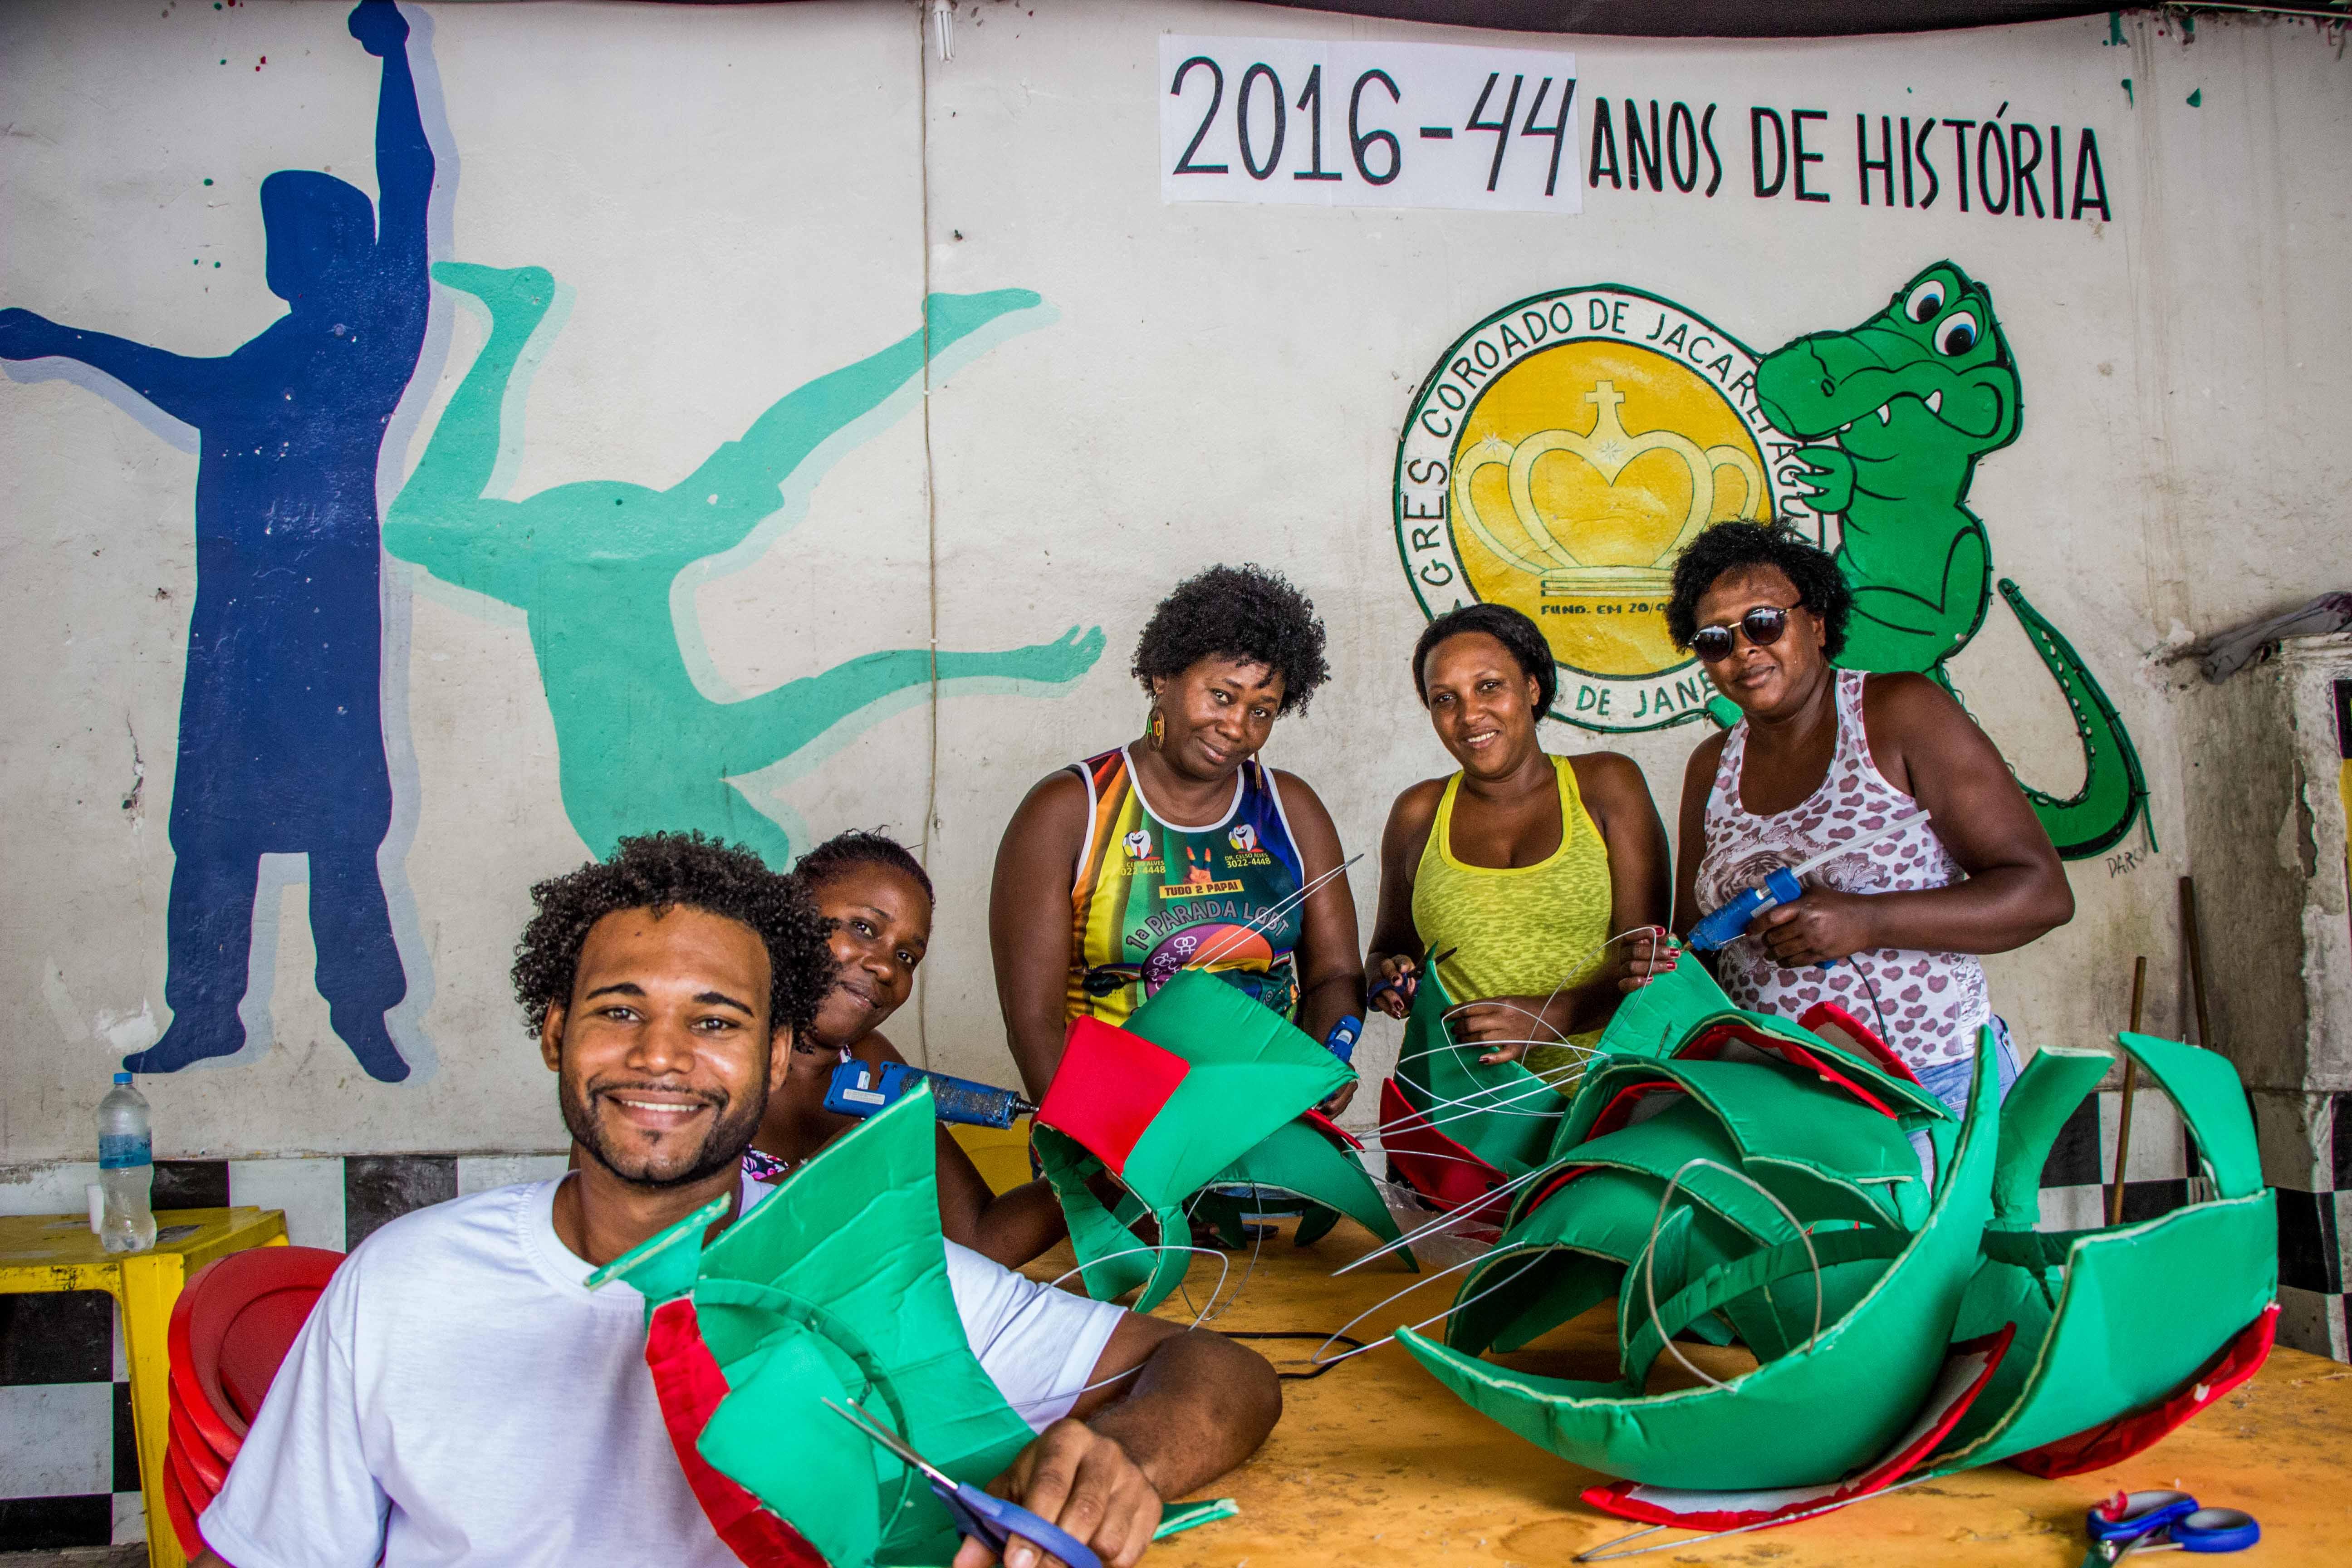 Coroado de Jacarepaguá aposta nas religiões africanas para ser campeã em 2017